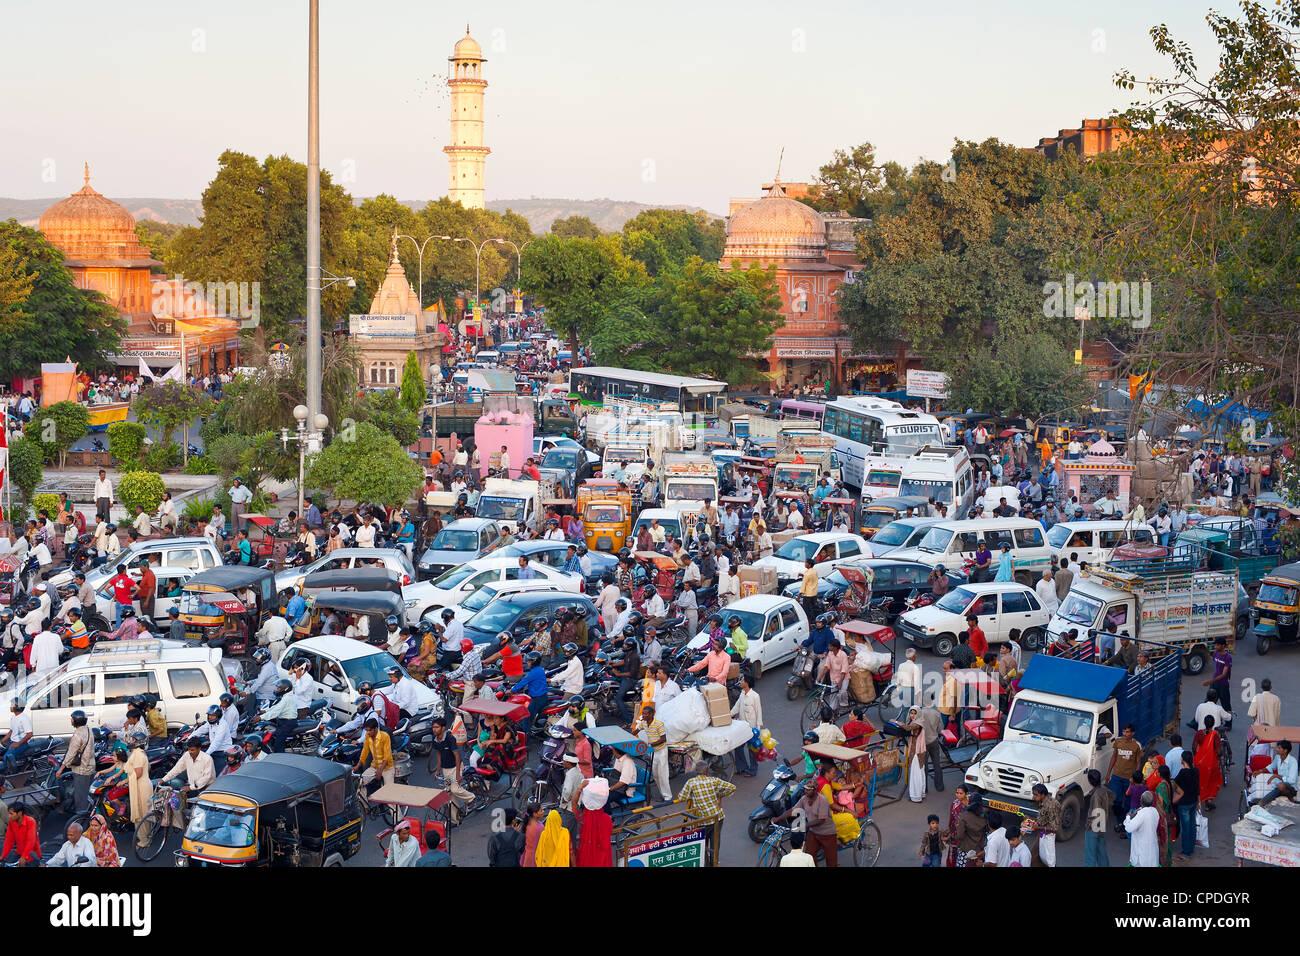 La congestione del traffico e la vita di strada nella città di Jaipur, Rajasthan, India, Asia Immagini Stock